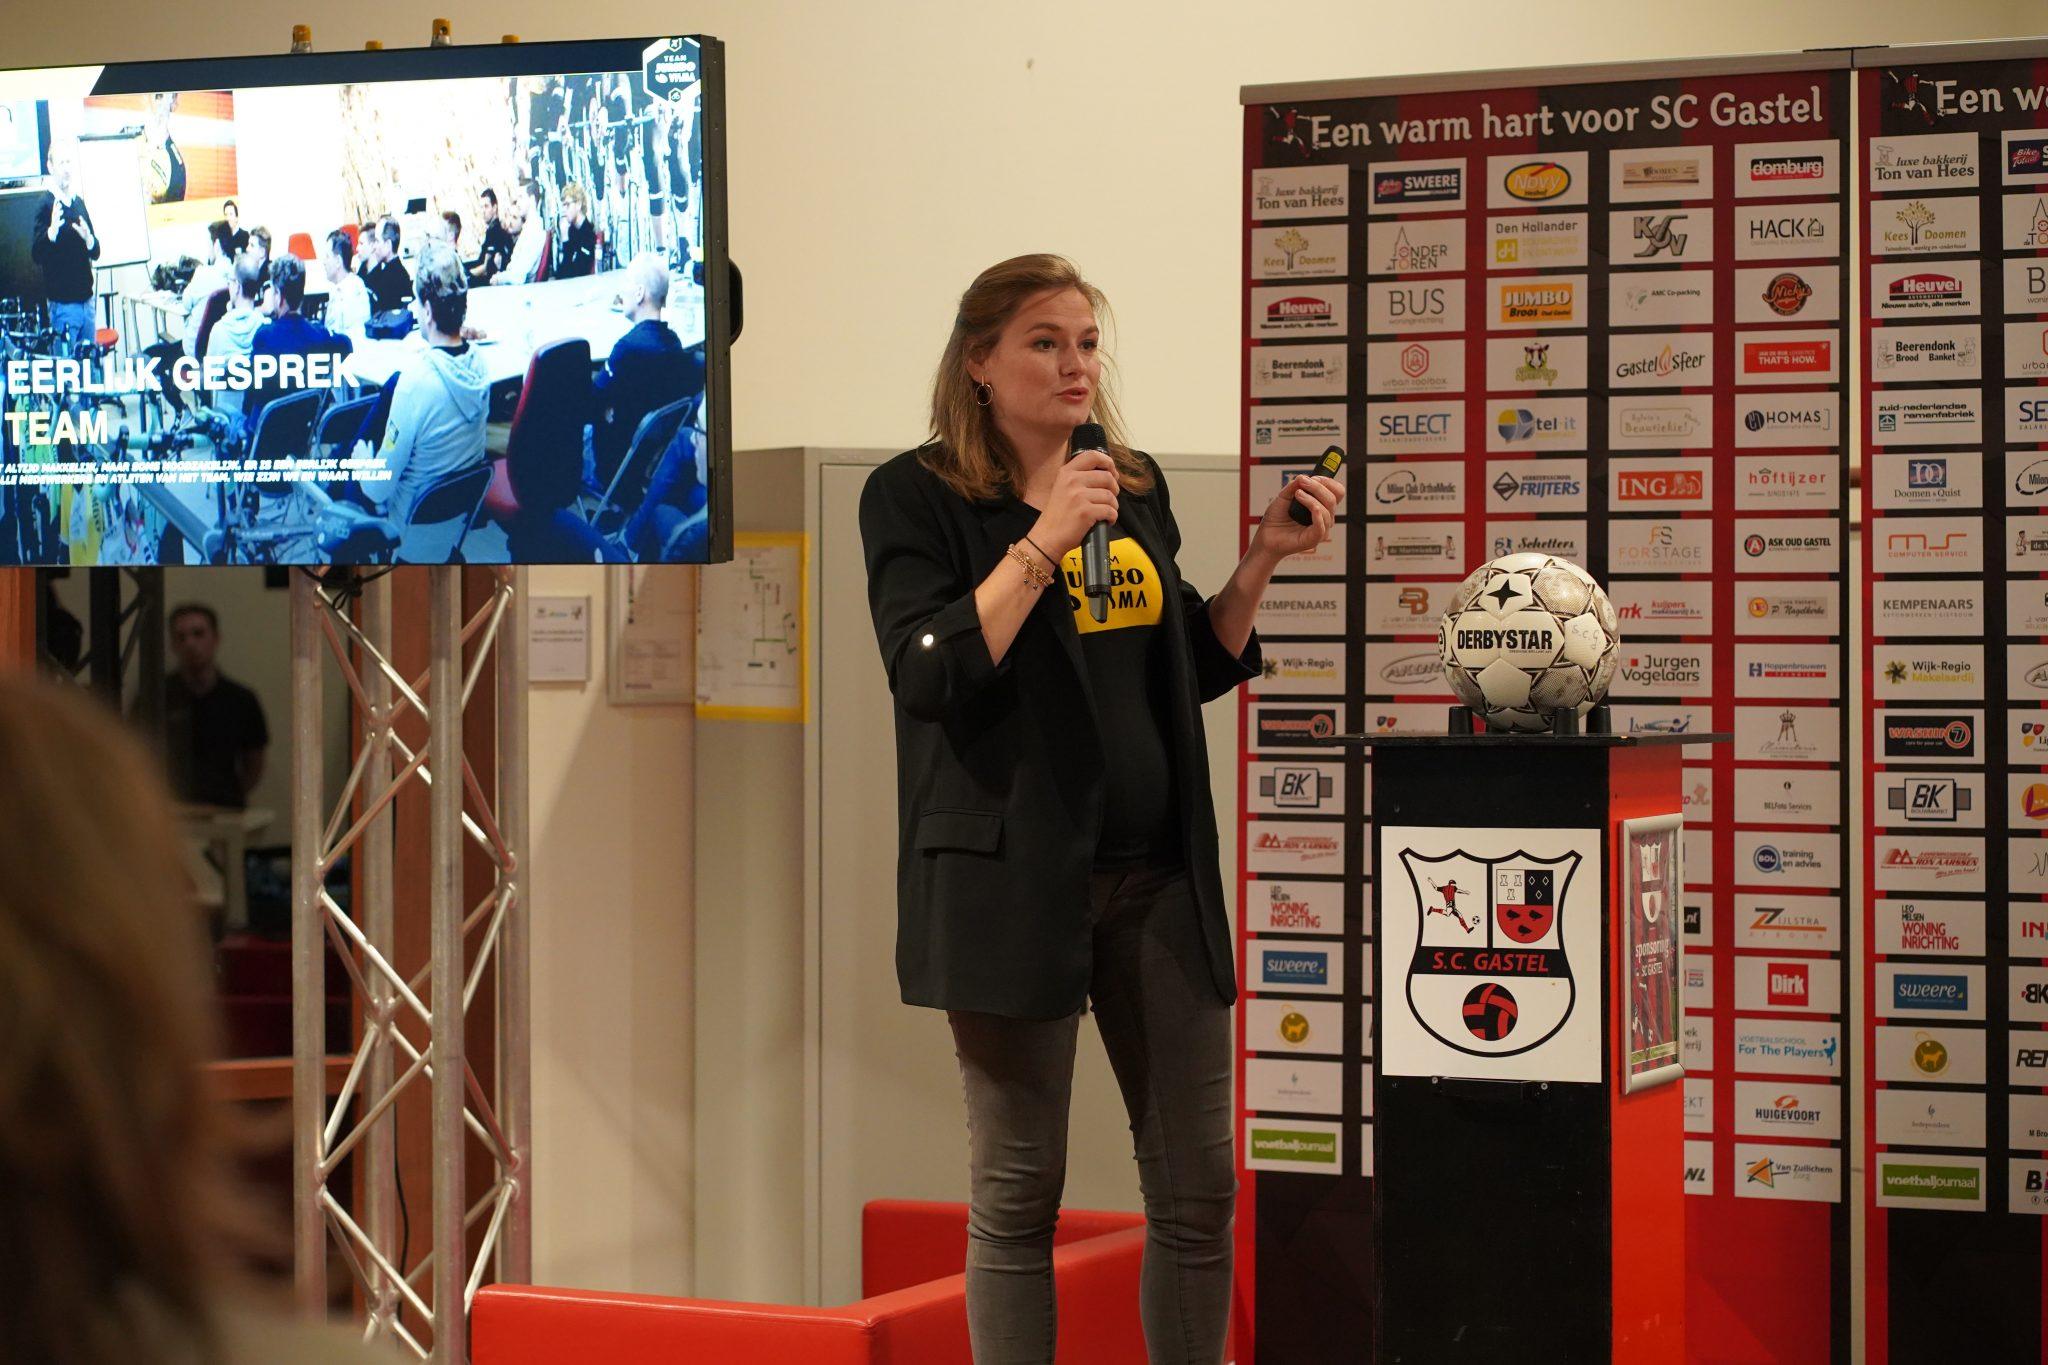 SC Gastel sponsoren genieten van inspirerende avond in samenwerking met Team Jumbo-Visma.